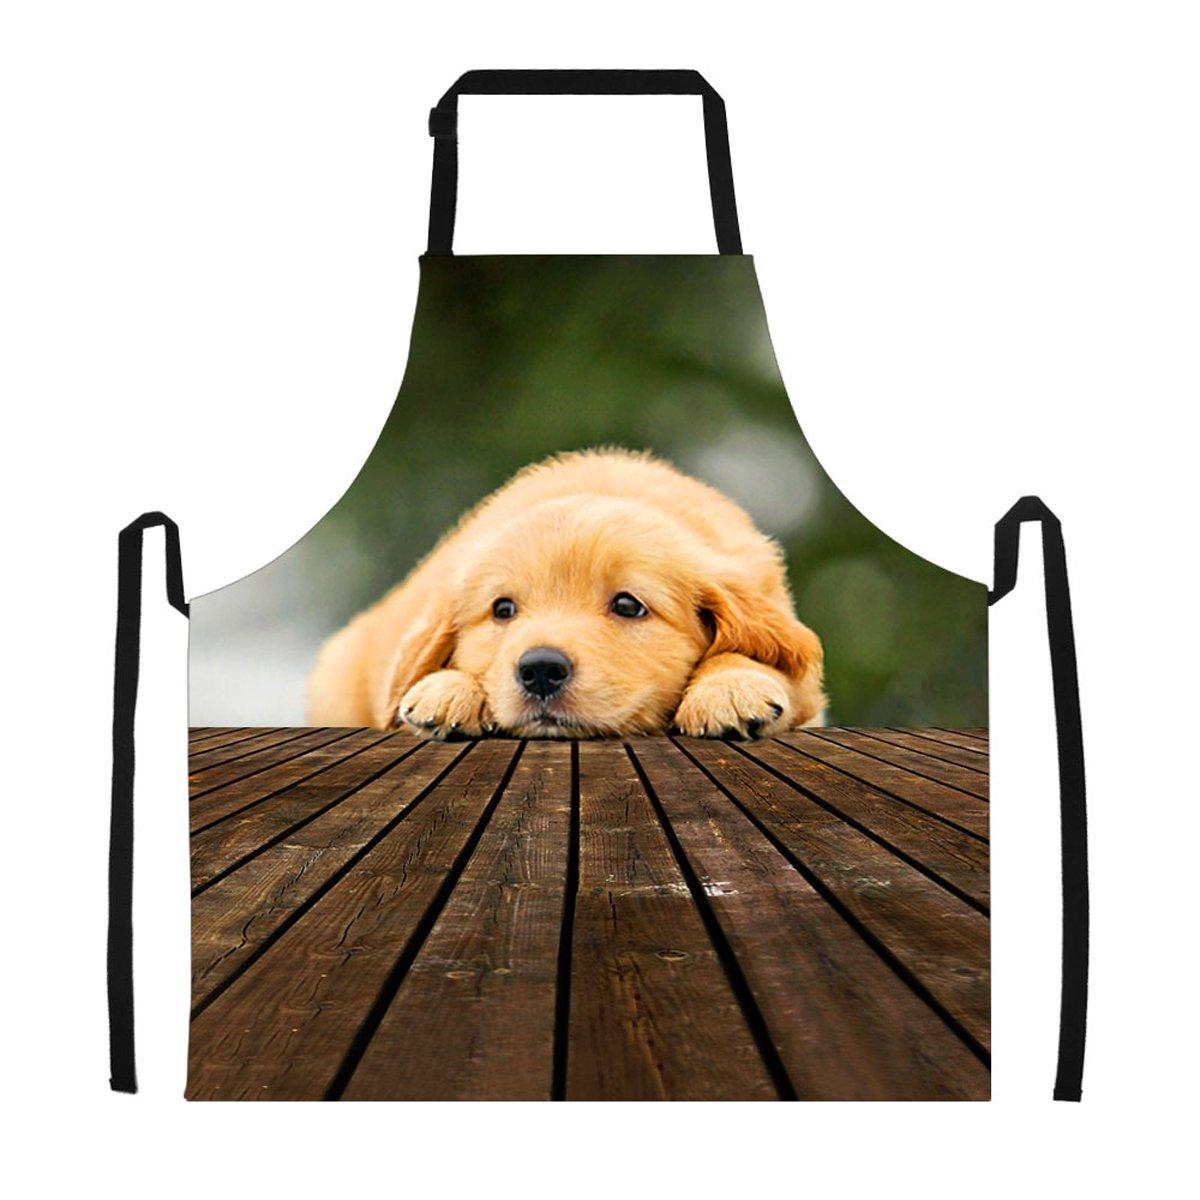 LifeGenius レディース クリスマスエプロン おもしろパーソナライズクッキンググリルベーキングエプロン キャンバス キッチン パーティー レストラン用 L  Dog 1 B07K59GHYC